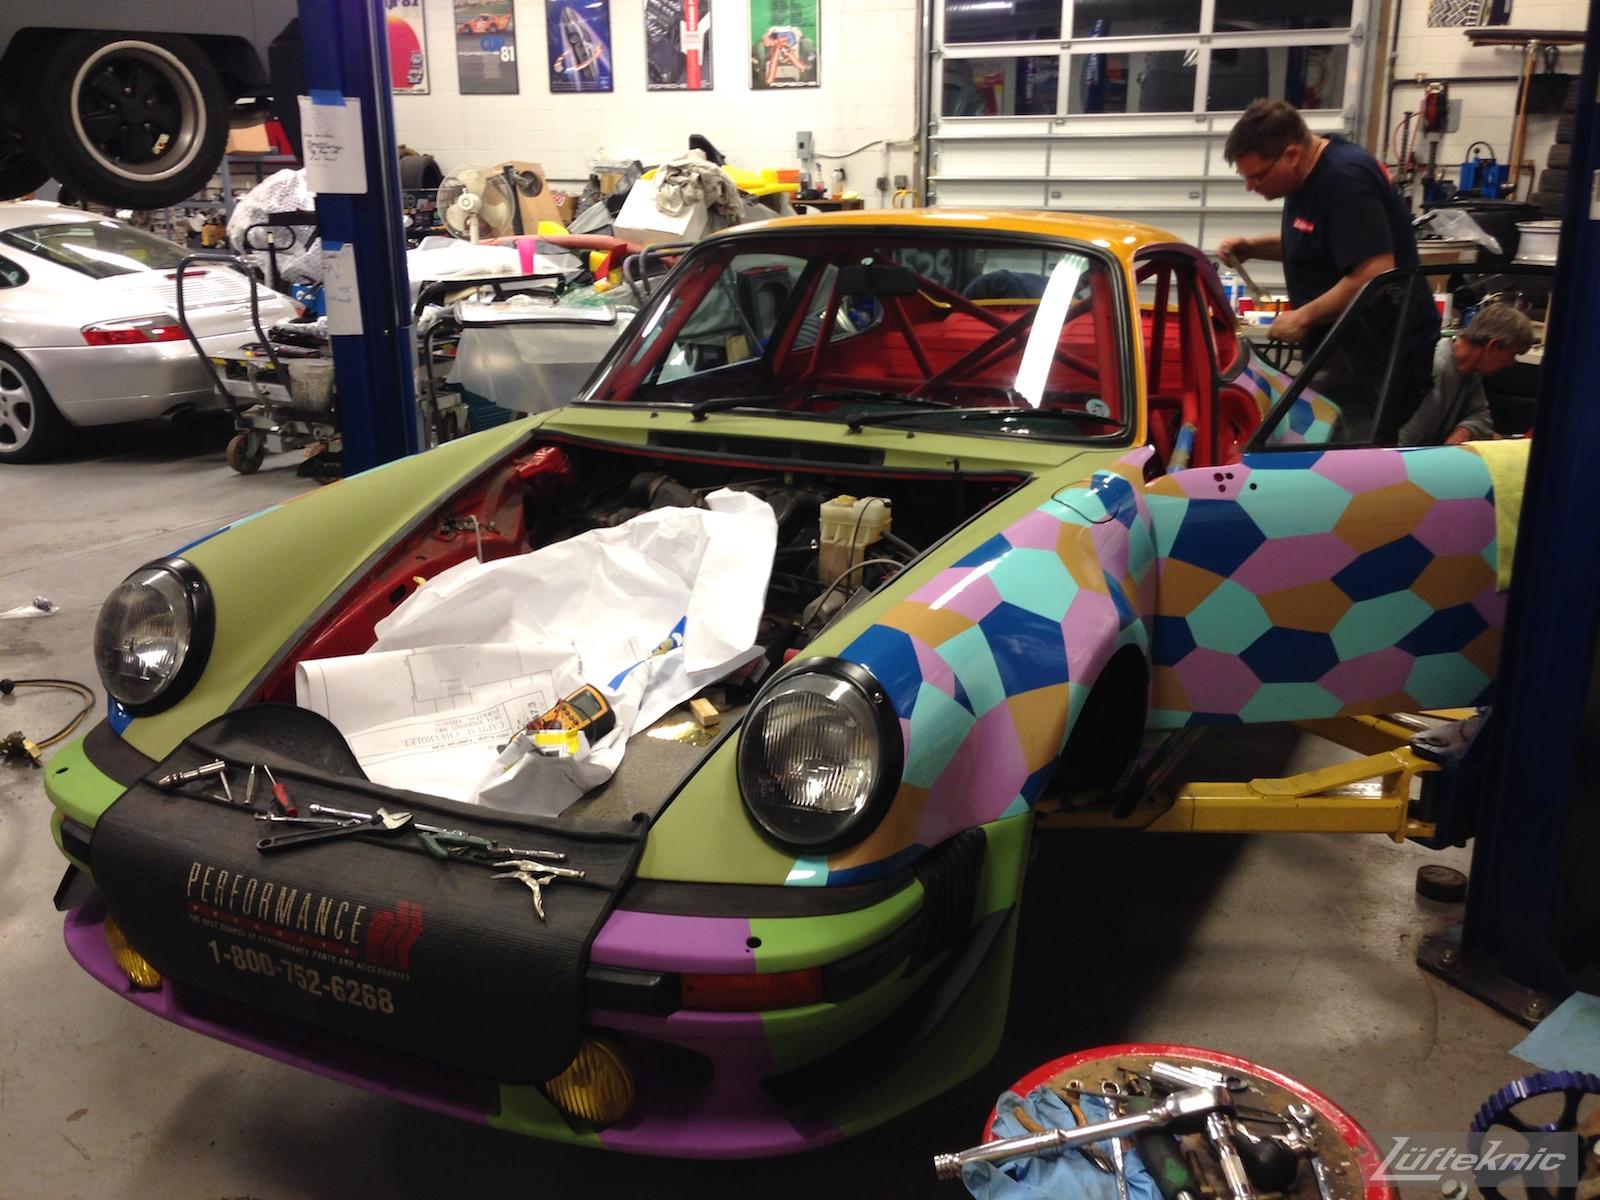 inspecting work on the Lüfteknic #projectstuka Porsche 930 Turbo